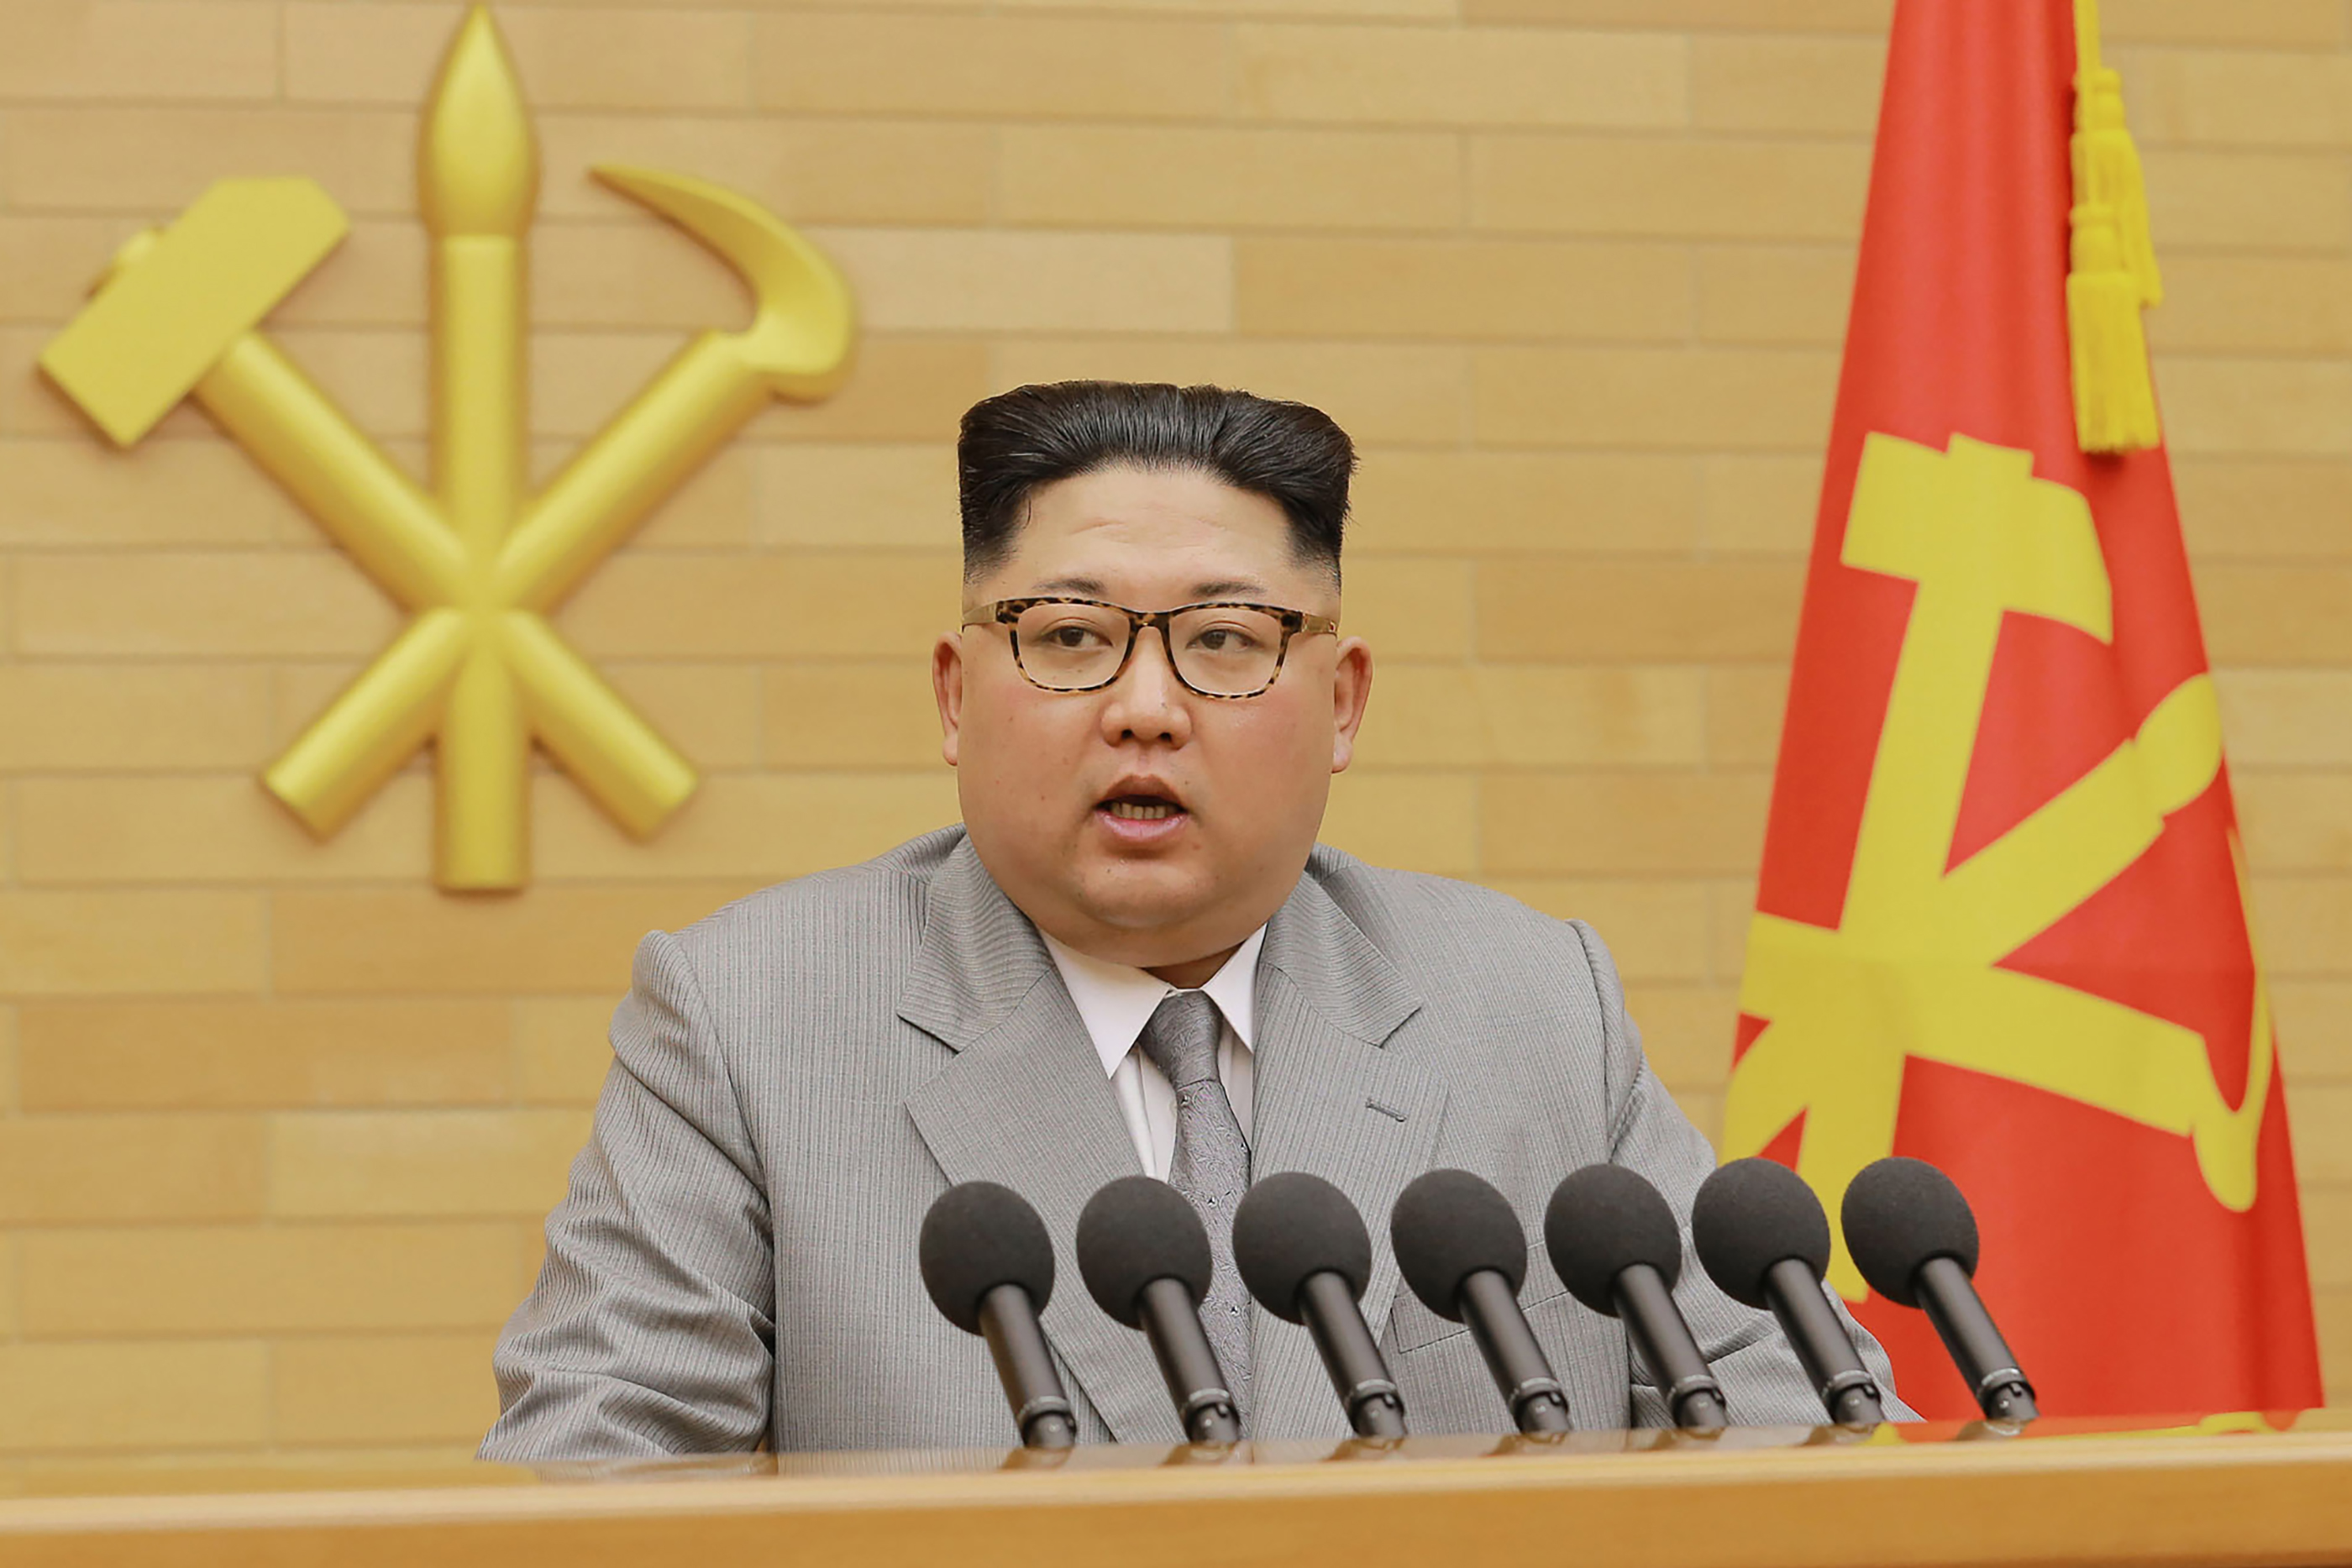 Kim Dzsongun átalakítja az észak-koreai hatalmi struktúrát